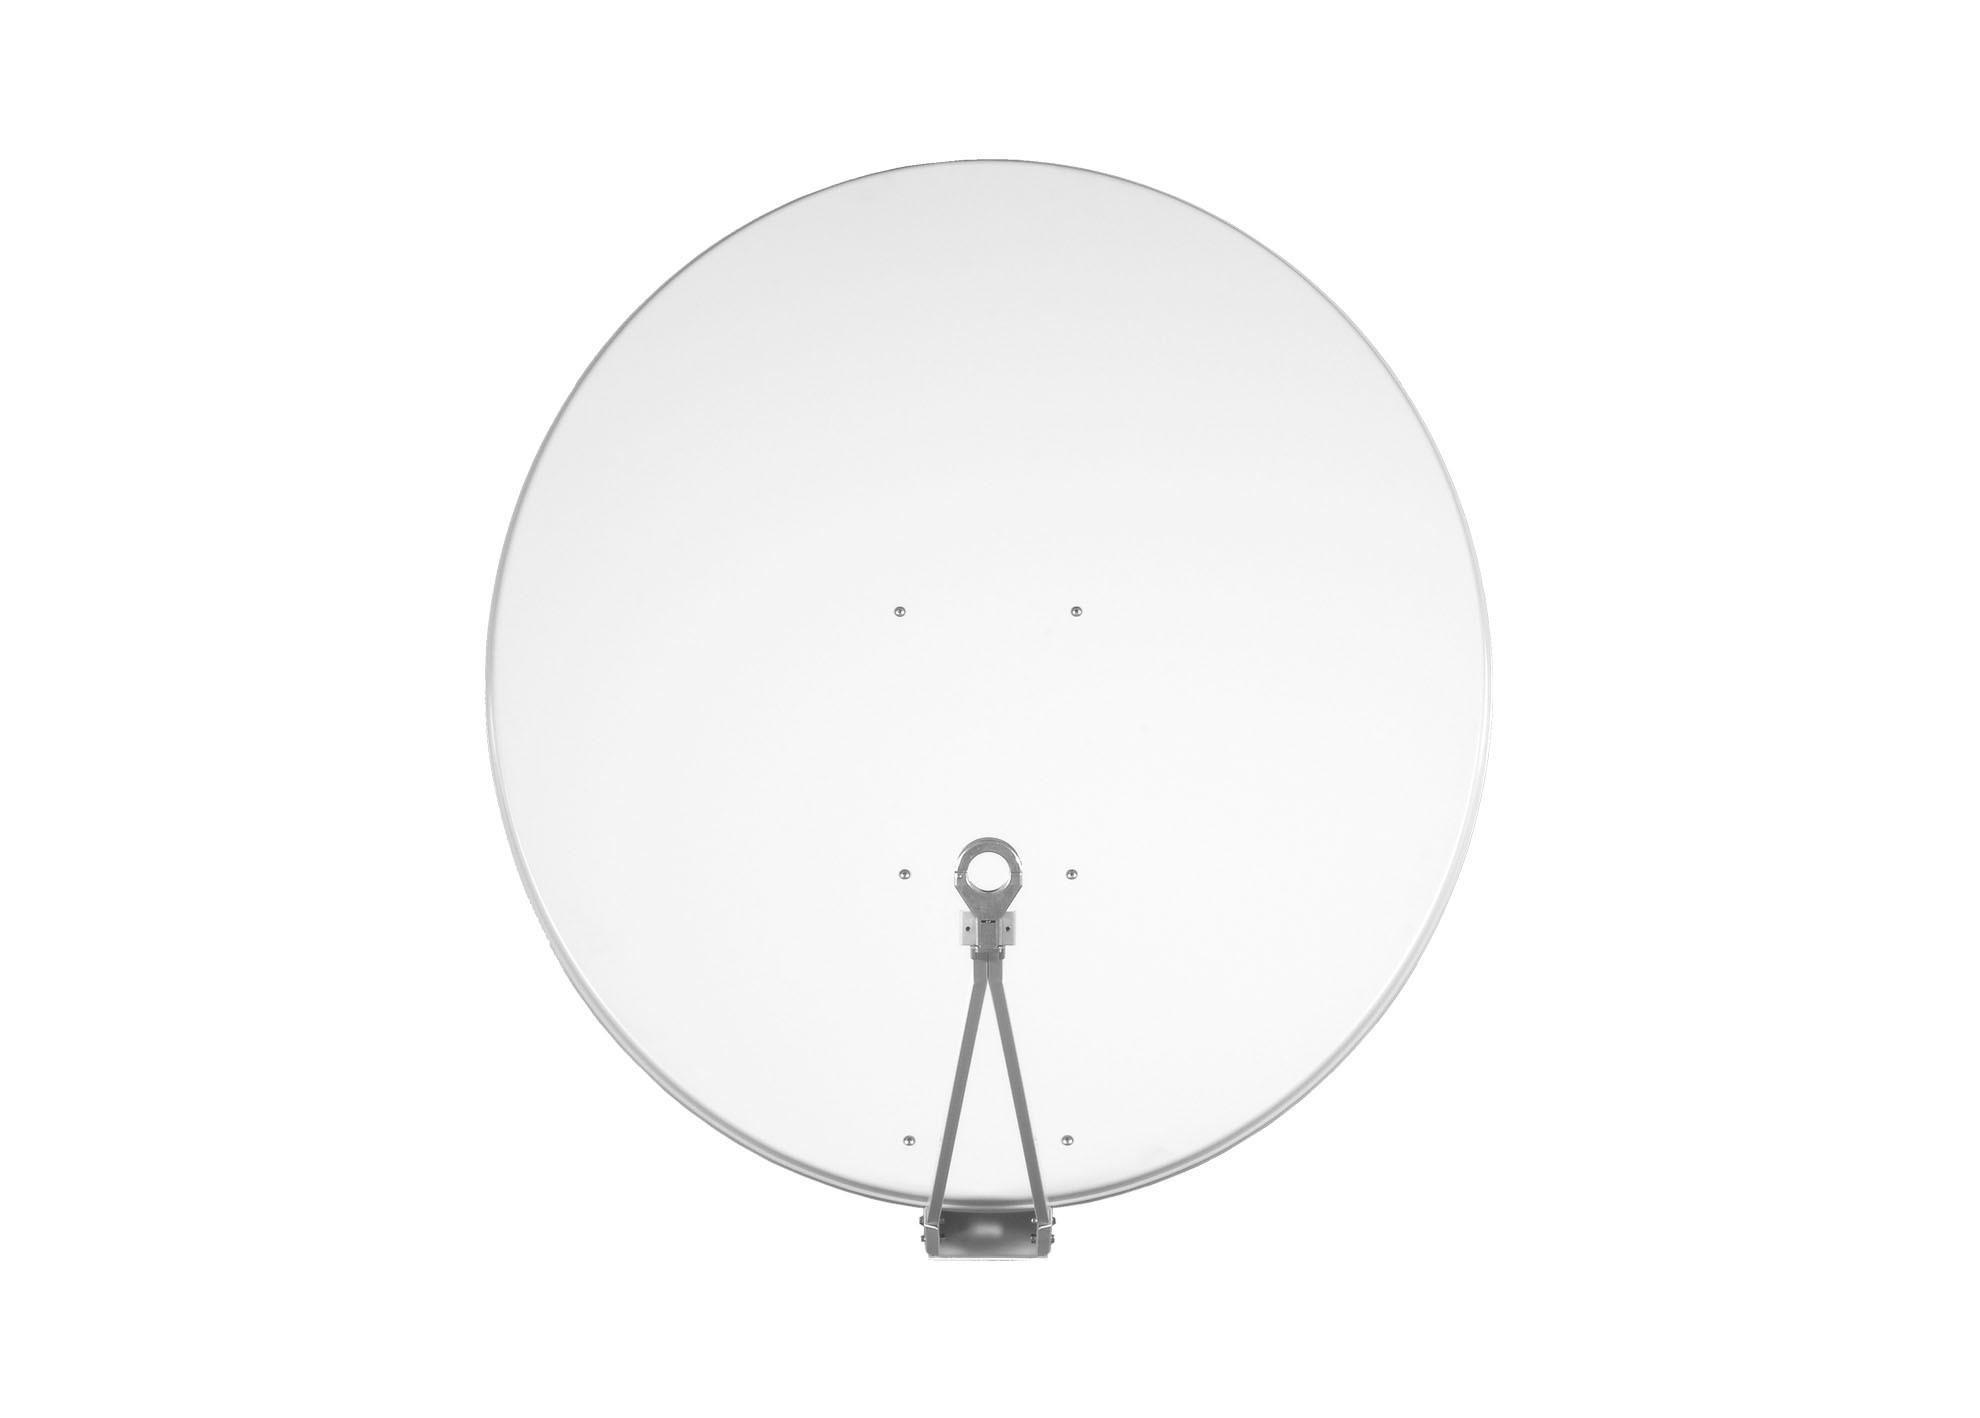 Satelitná parabola Gibertini 125 Al biela